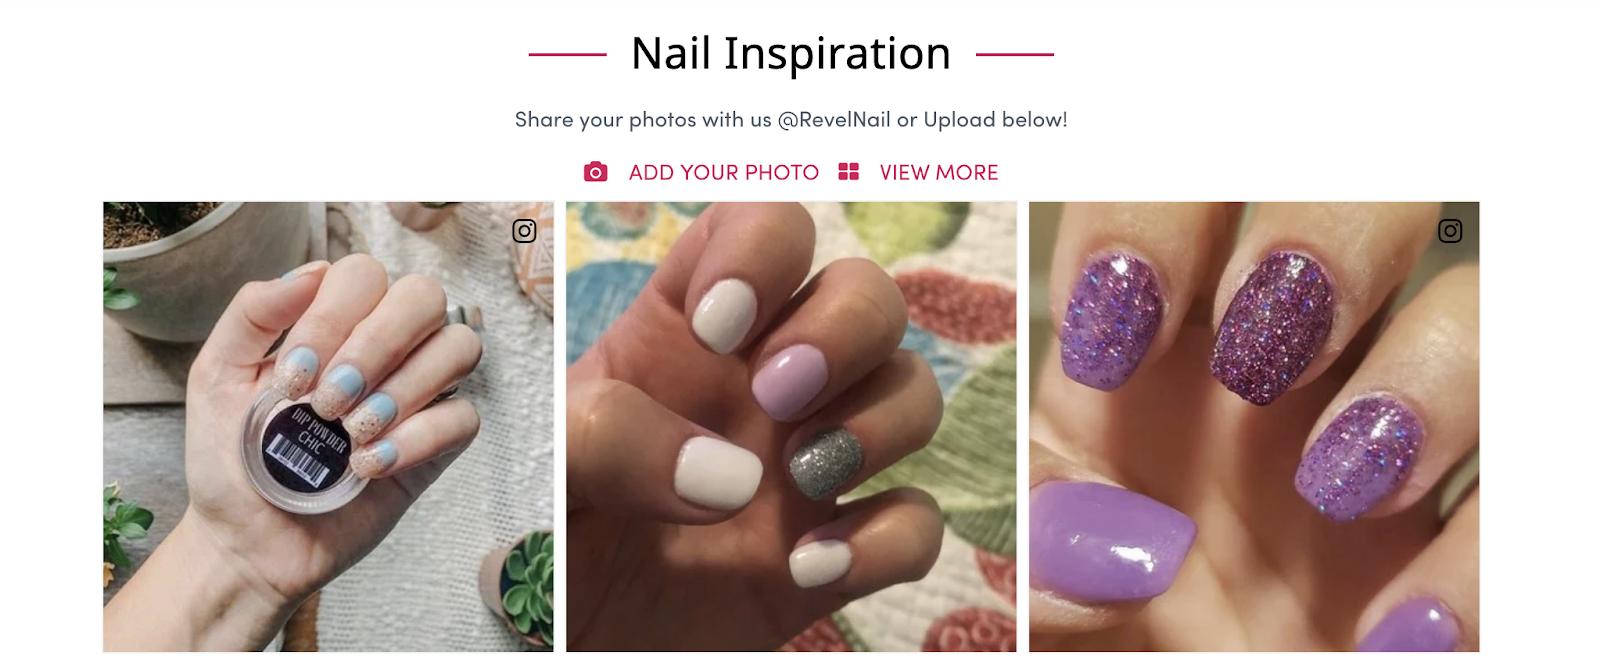 Nail Inspiration zeigt Bilder ihrer Kunden, die ihre Fingernägel in verschiedenen Farben lackiert haben und bittet andere Kunden, ihre Bilder zu teilen